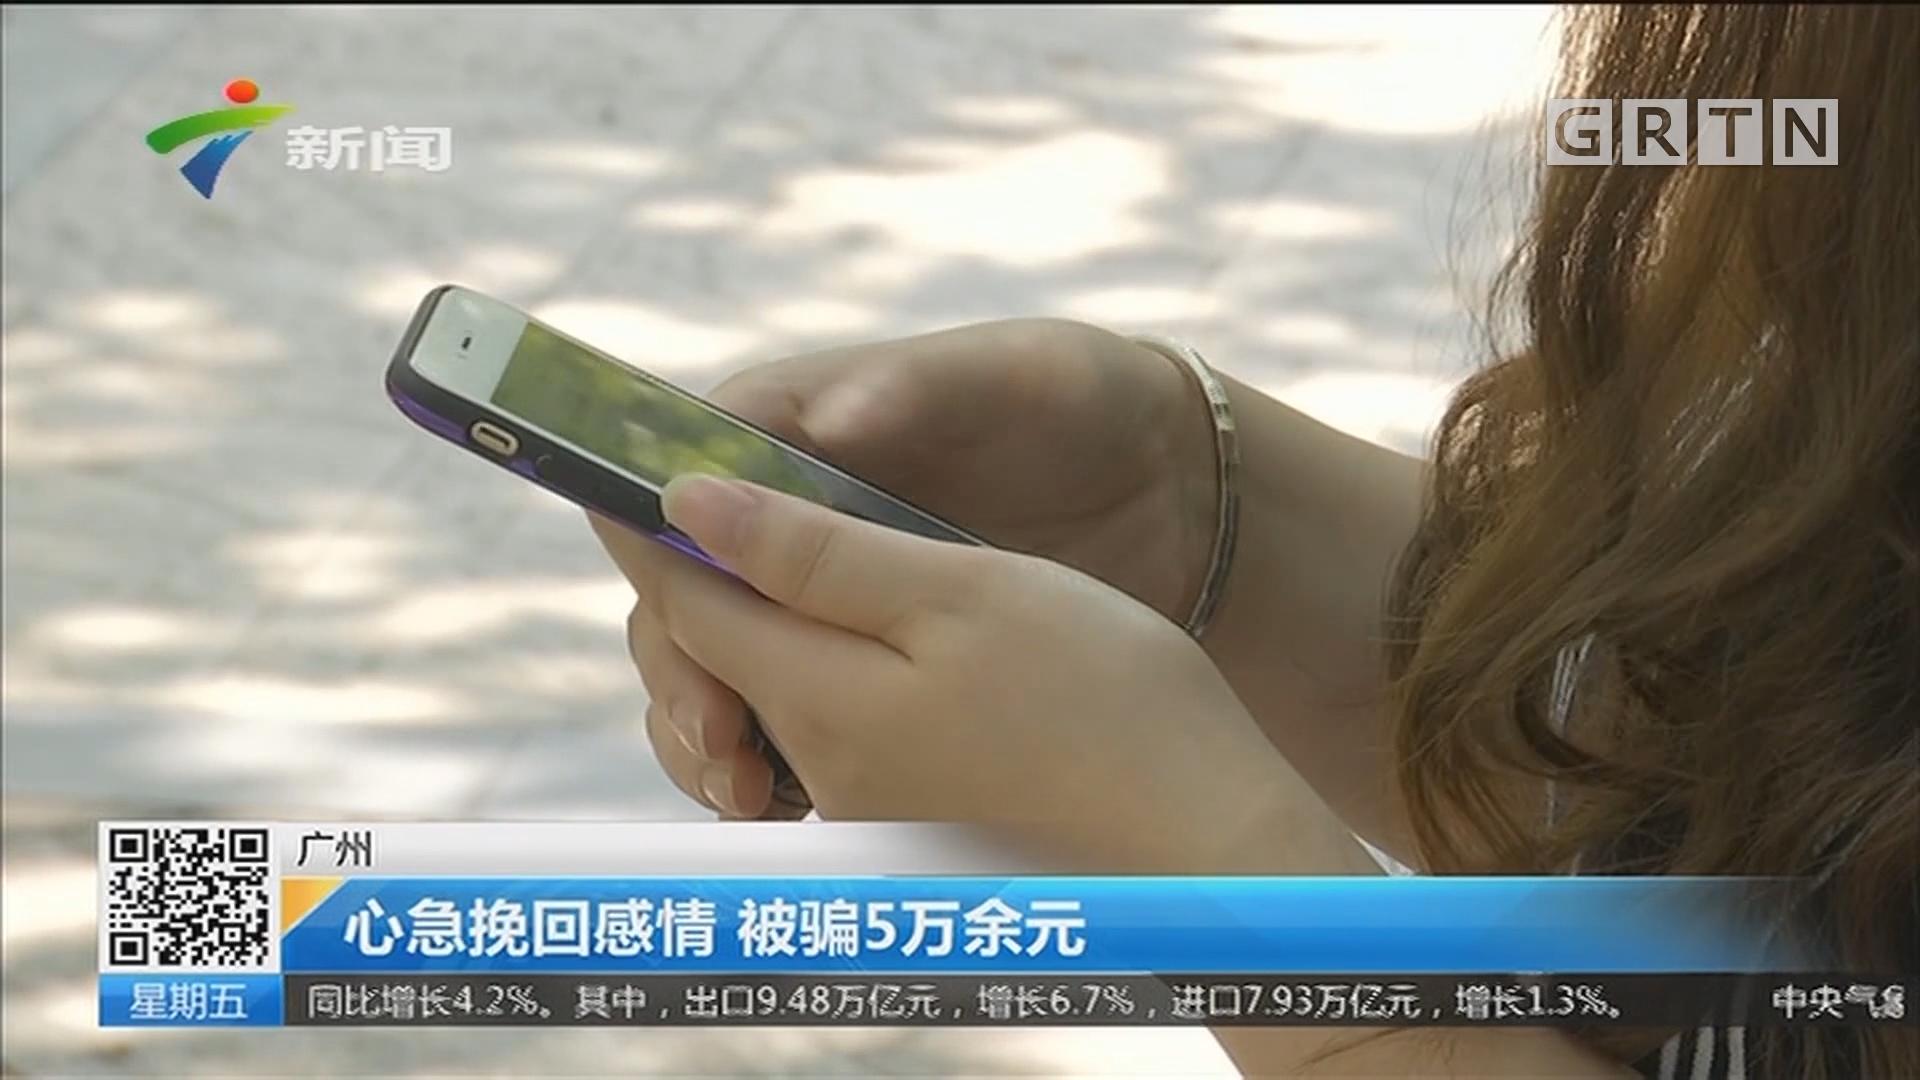 广州:心急挽回感情 被骗5万余元